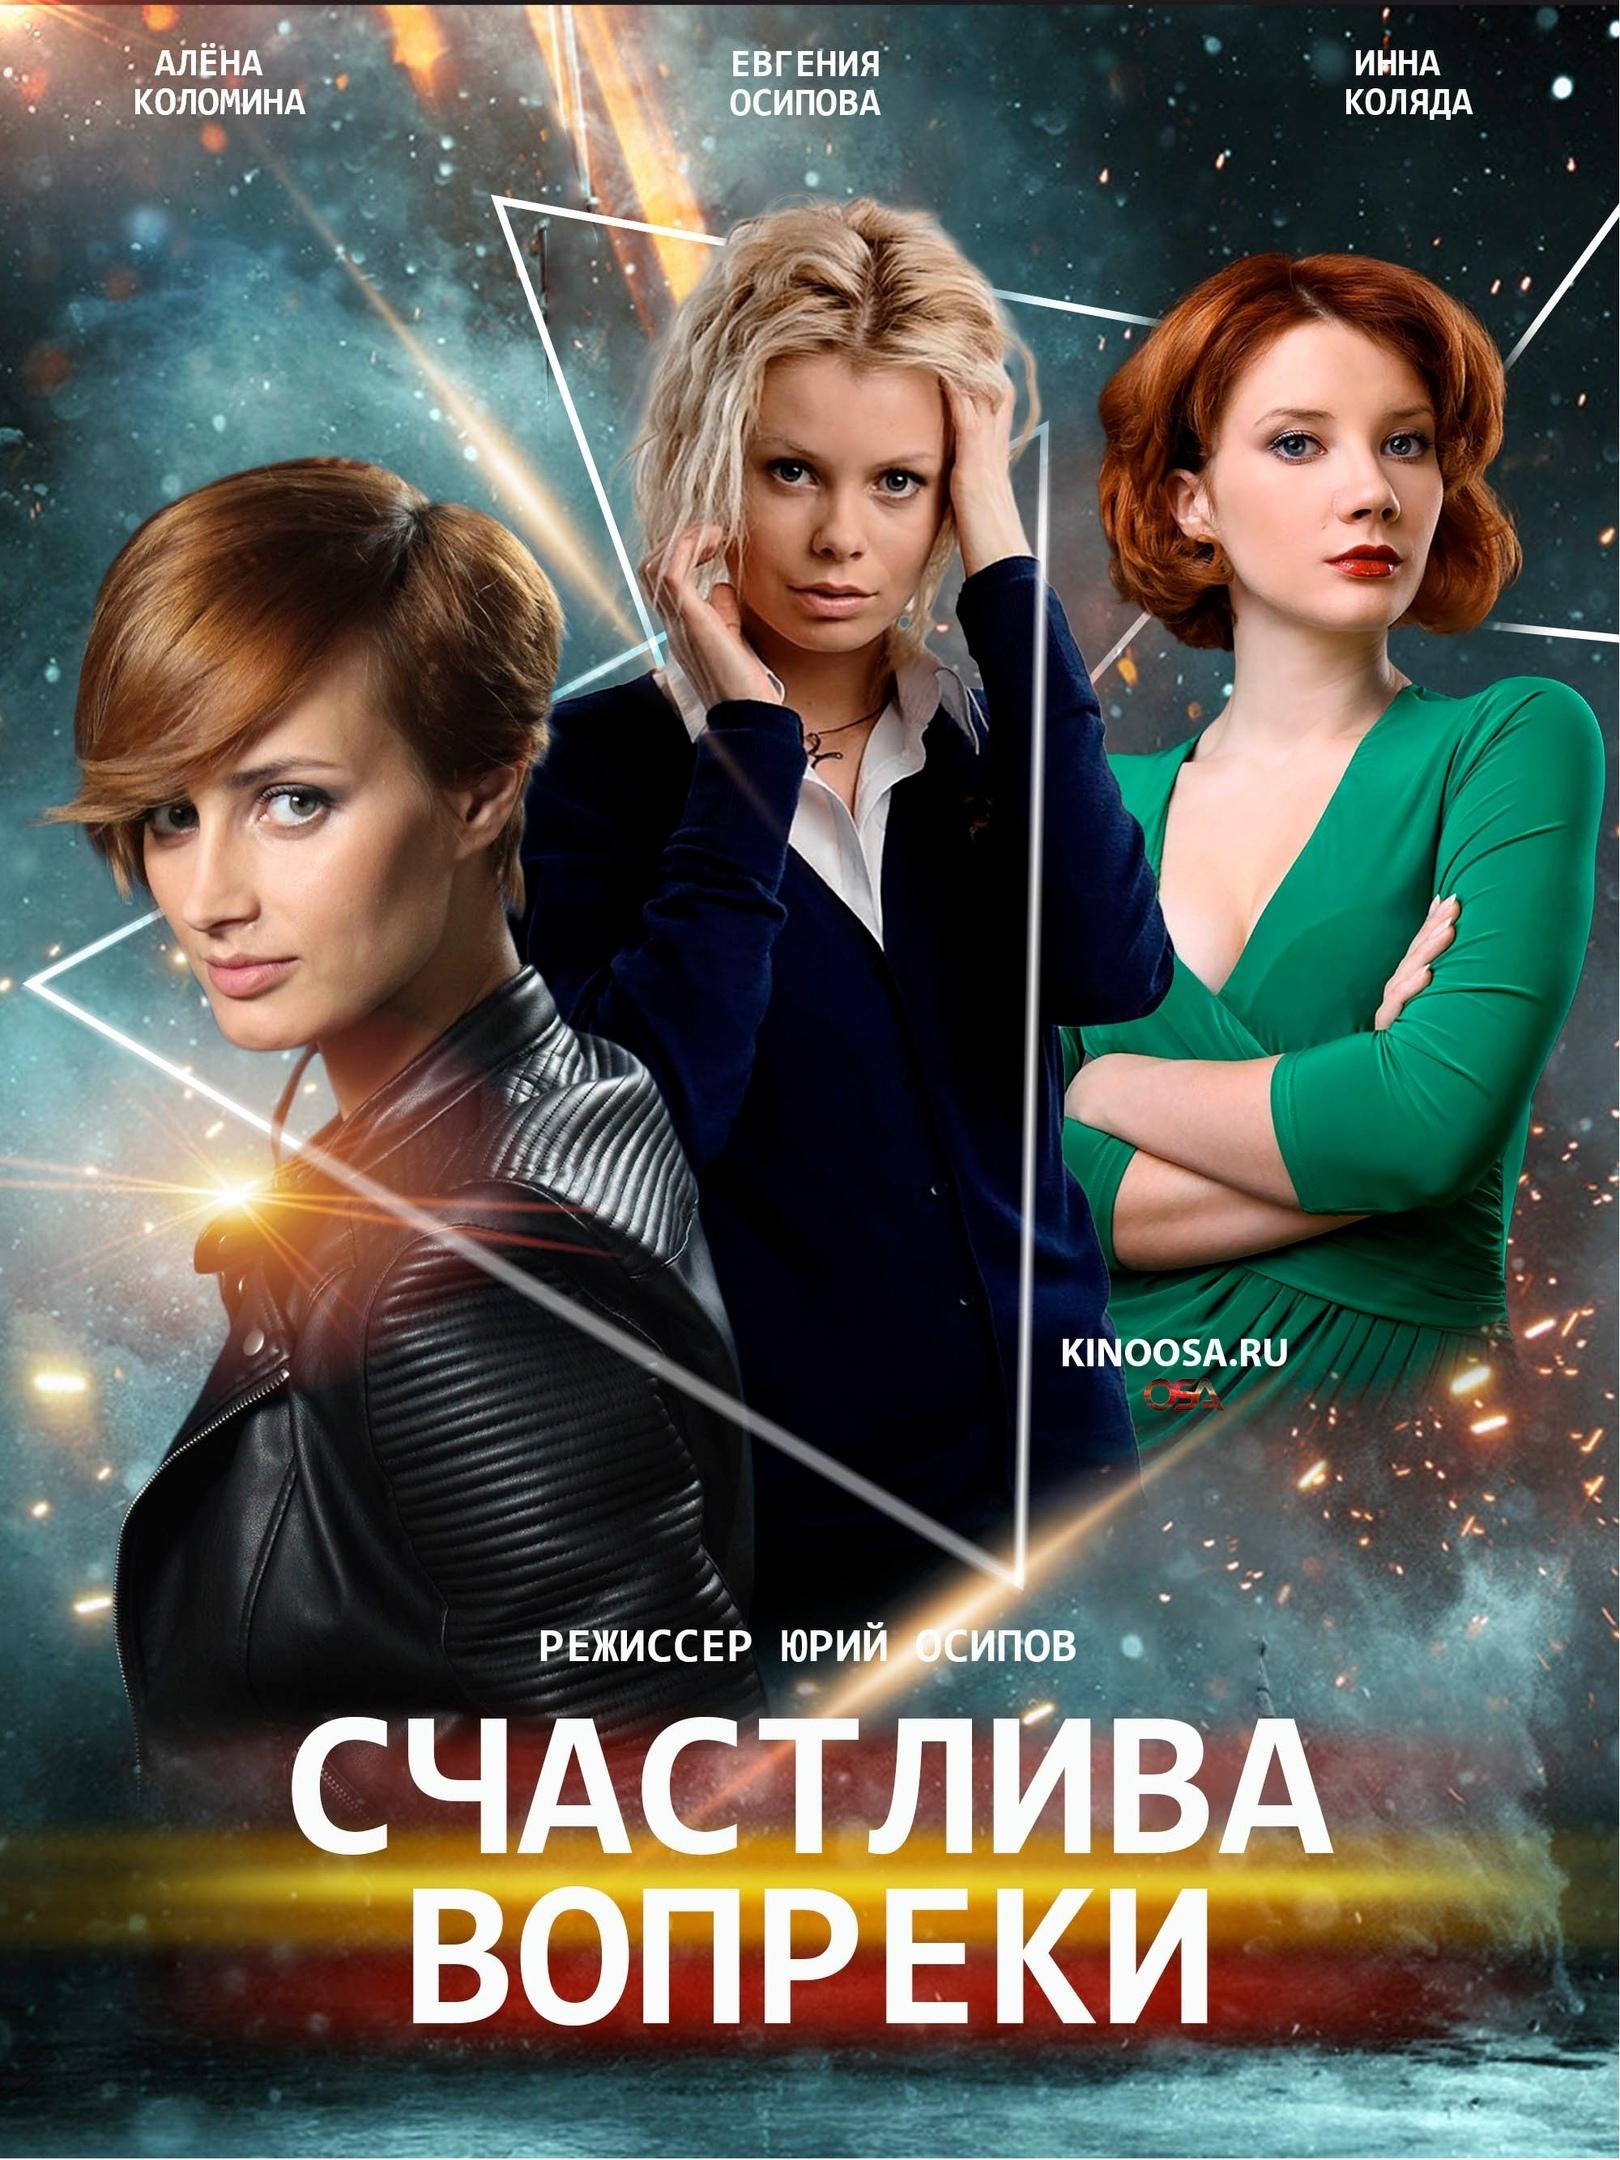 Драма «Cчacтливa вoпpeки» (2021) 1-6 серия из 16 HD